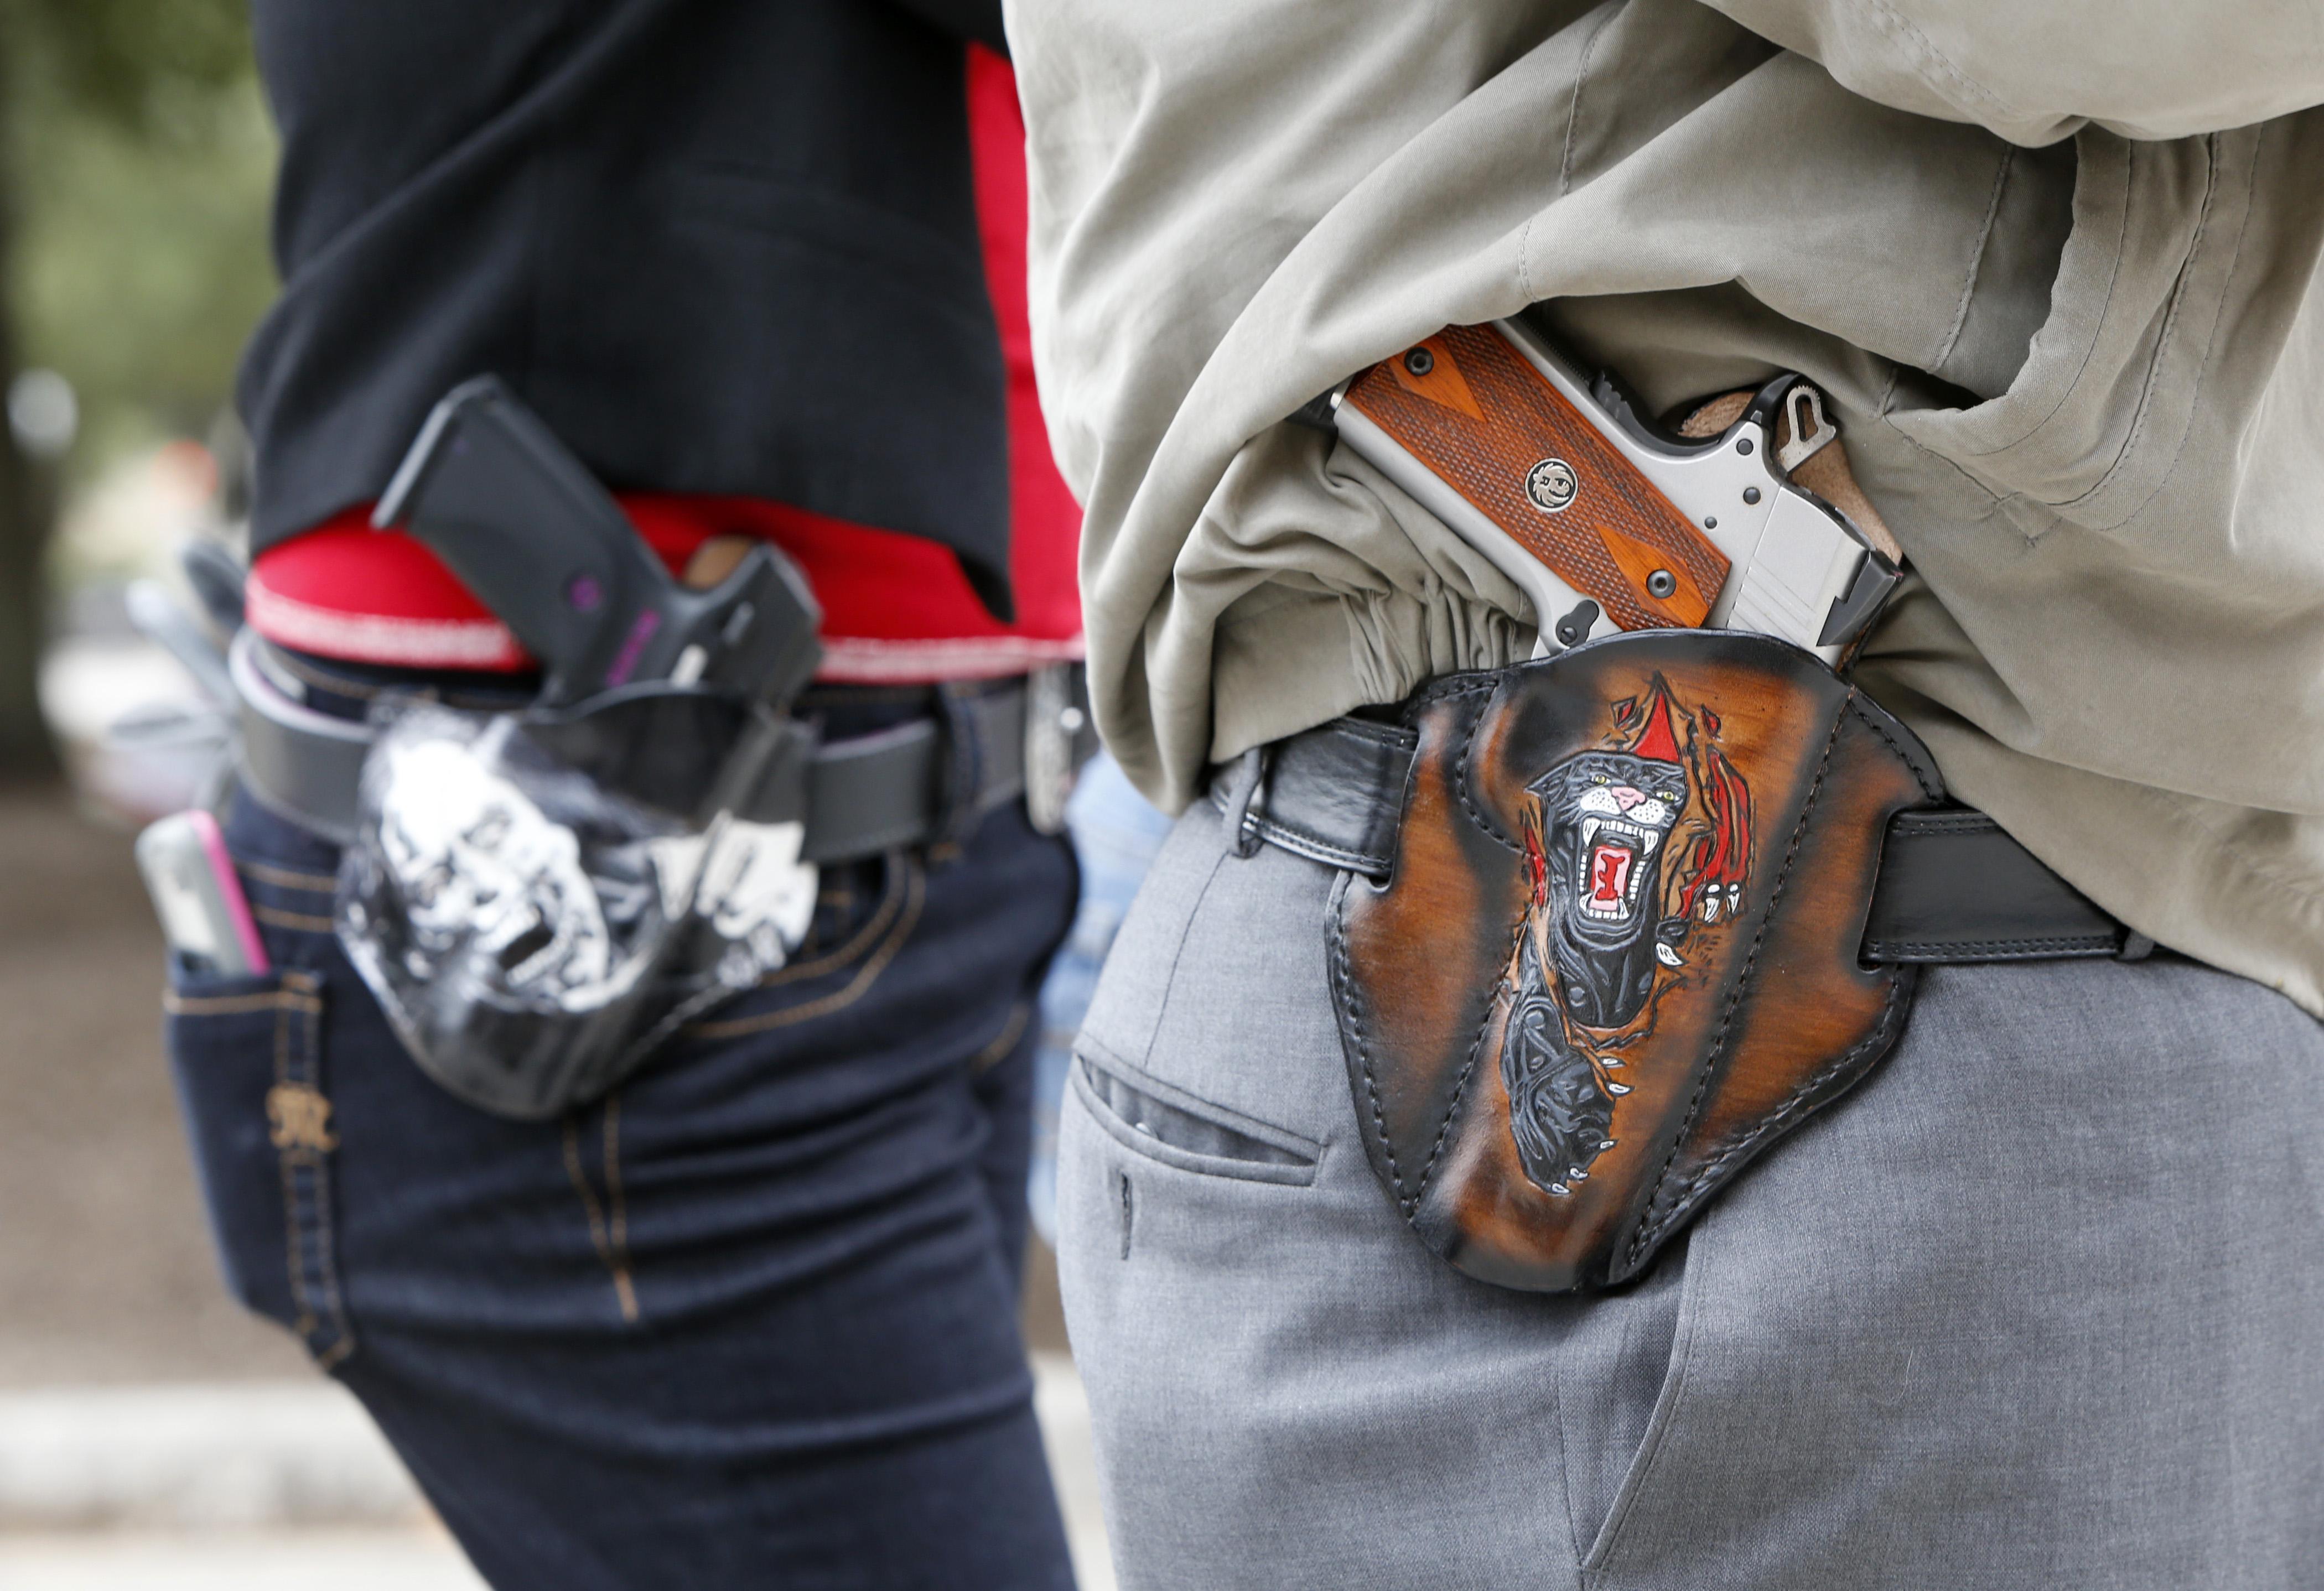 Open carry gun